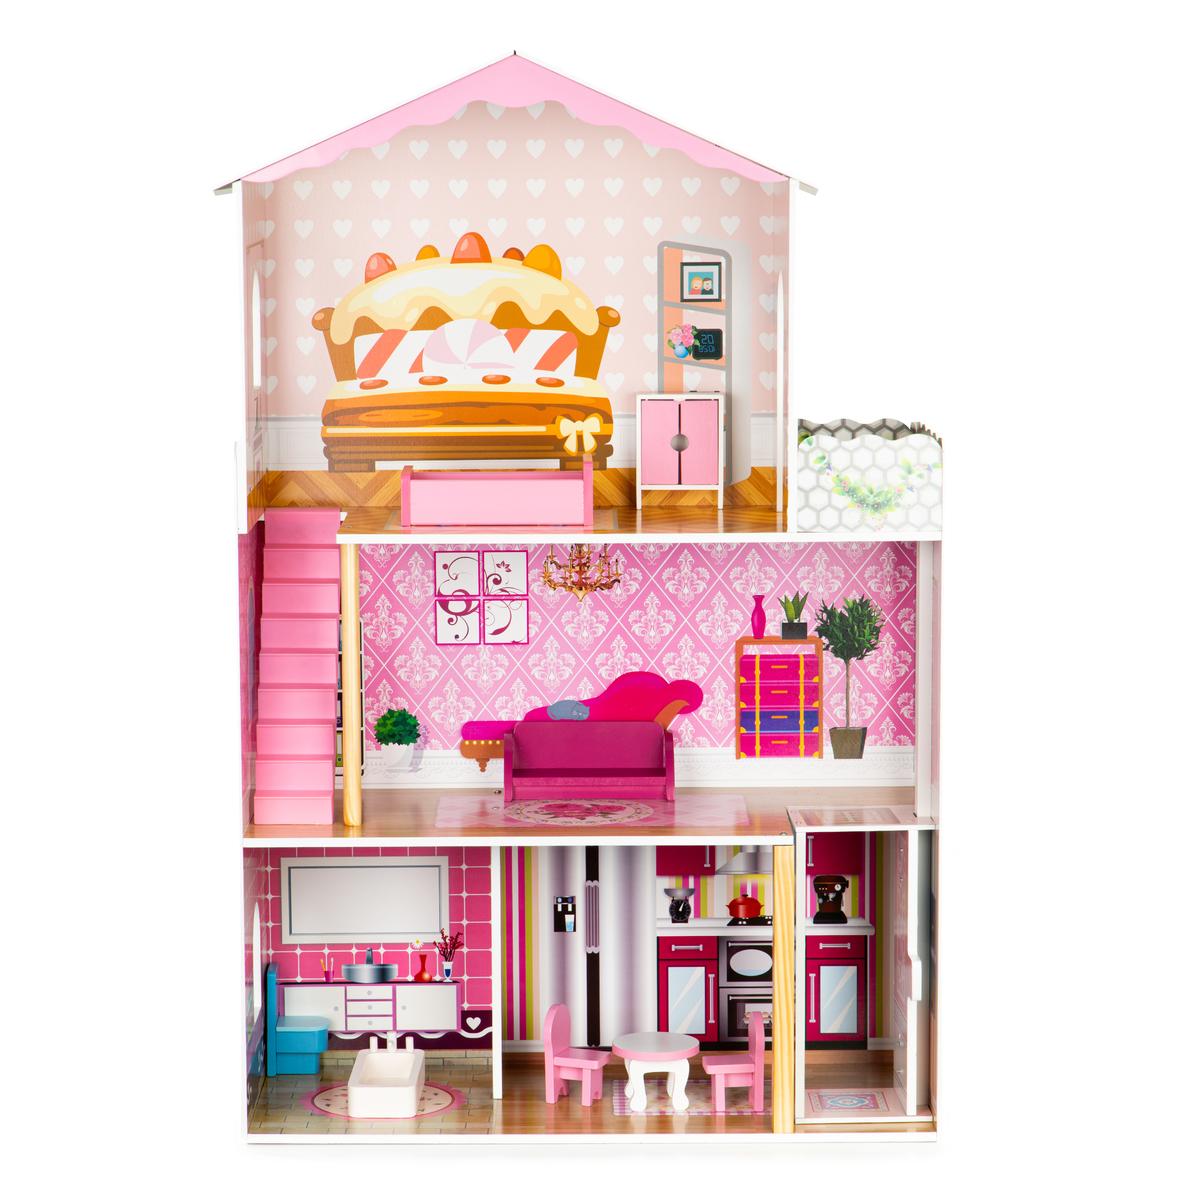 Drevený domček pre bábiky s výťahom Amanda dollhouse